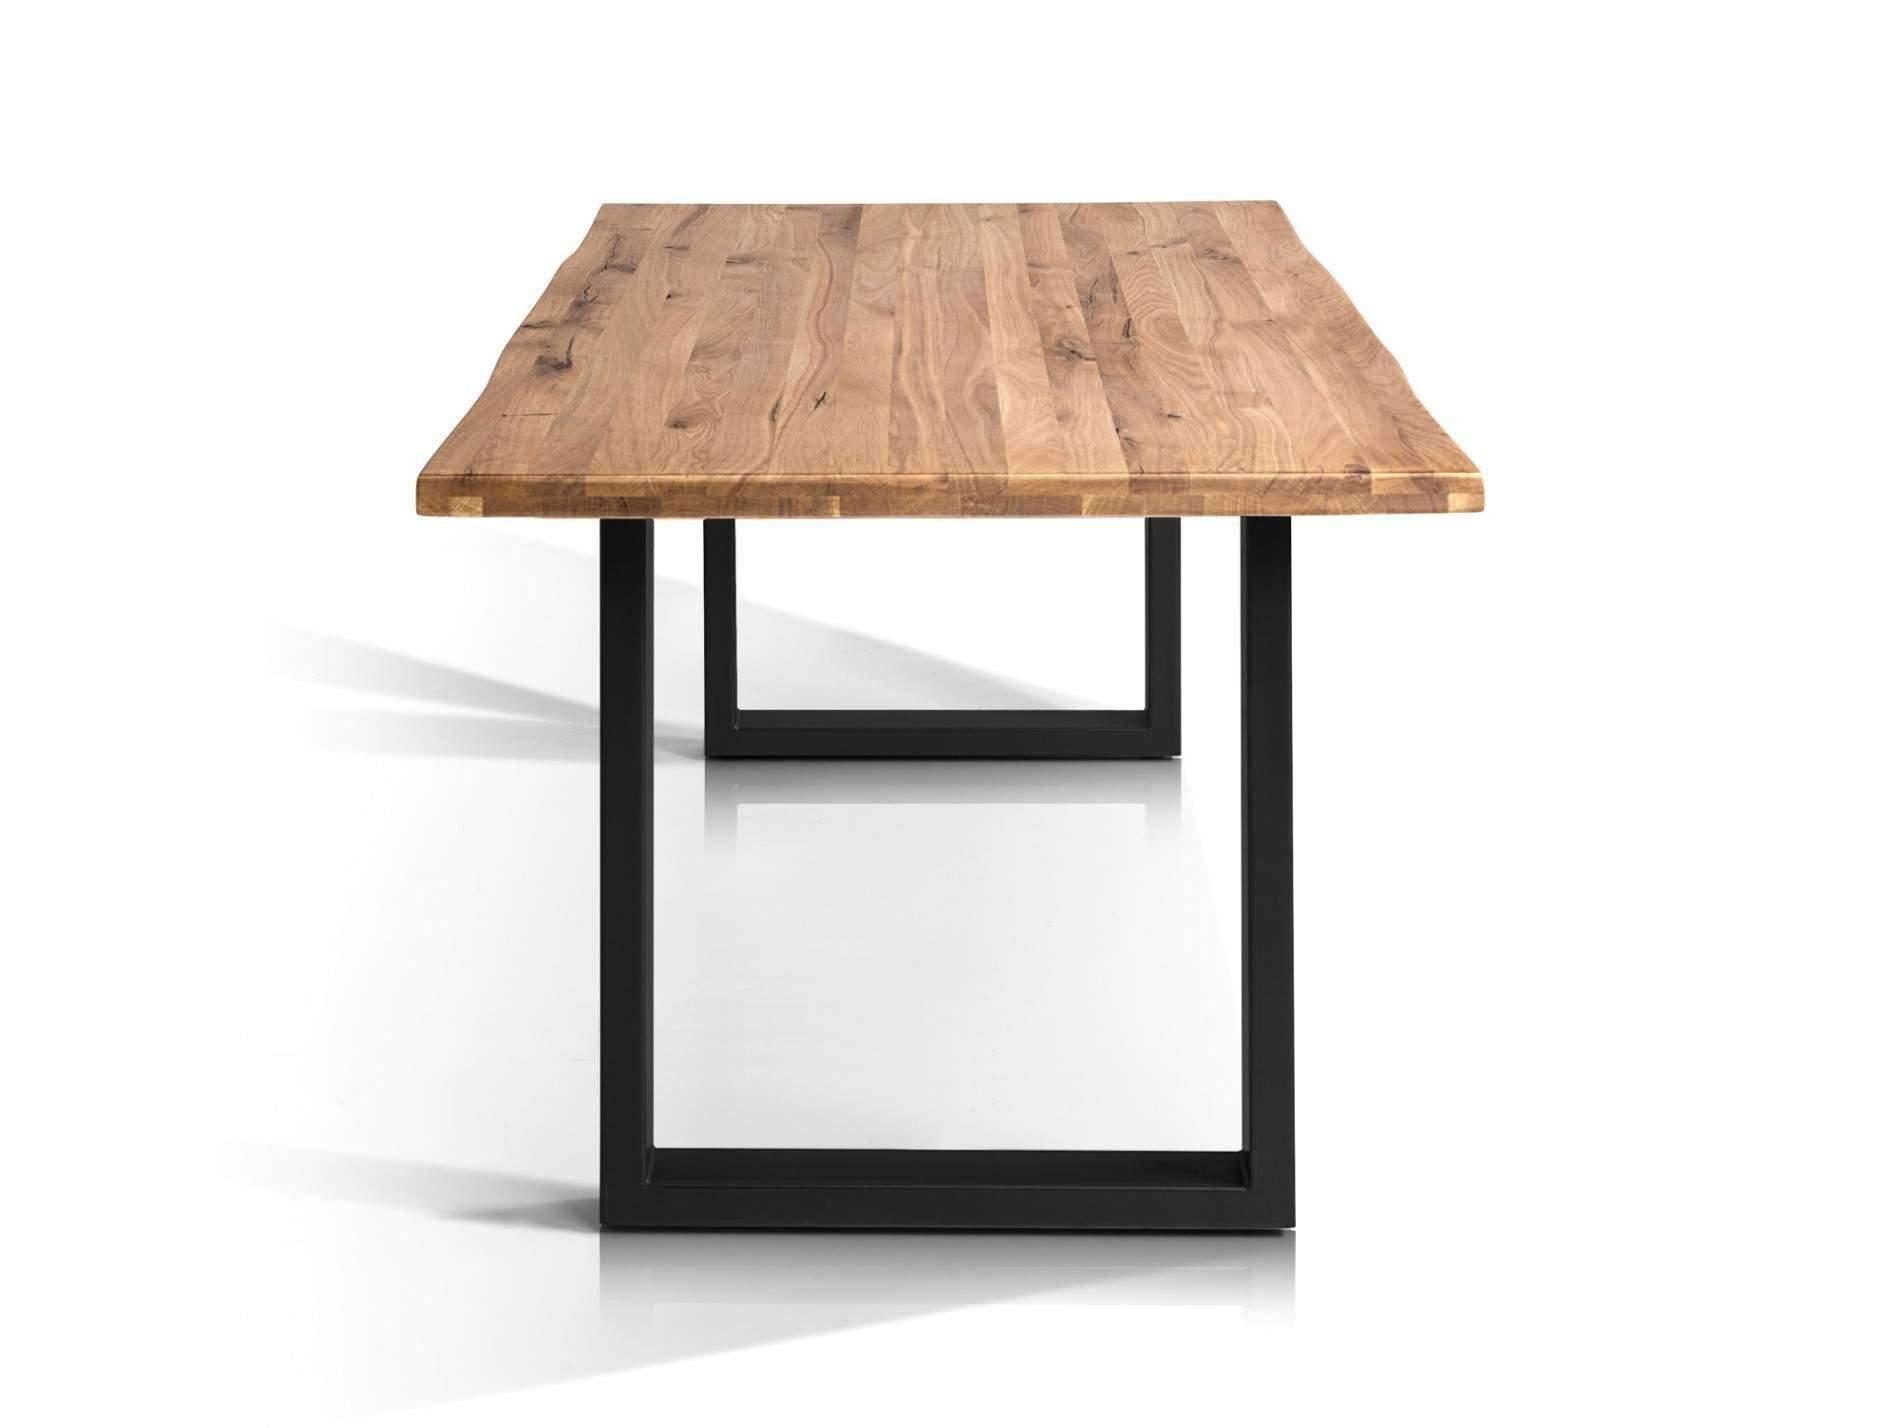 ebay tisch und stuehle gebraucht 30 luxus tv tisch schwarz grafik design ueber esstisch ebay kleinanzeigen schoen